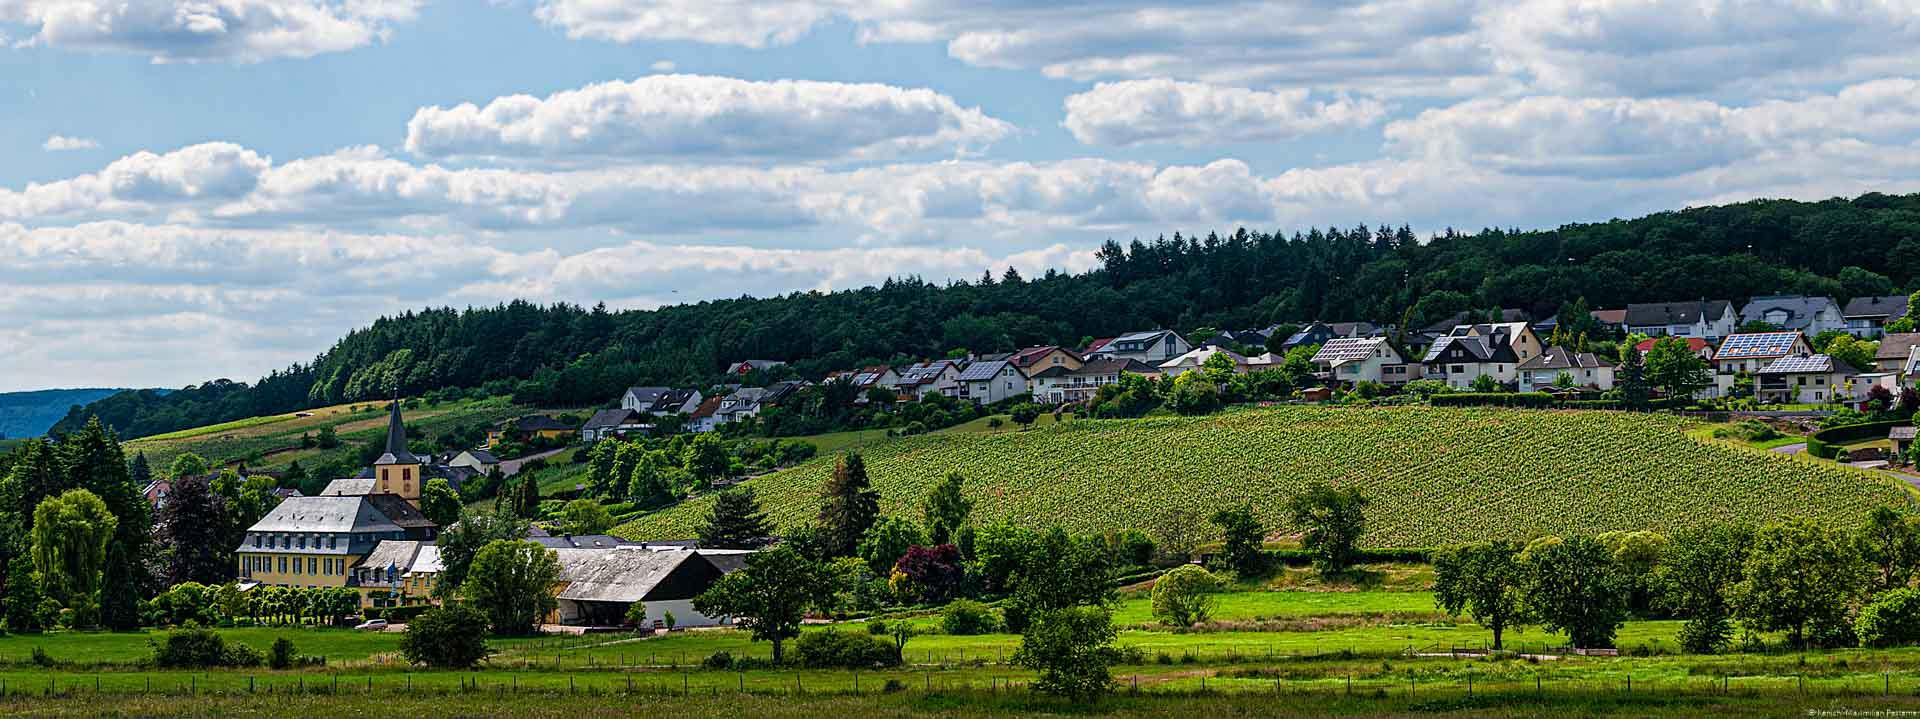 Vorne sind Wiesen und ein Weingut. Dahinter liegt der Weinberg Oberemmeler Agritiusberg und ein Dorf. Oben ist Himmel.